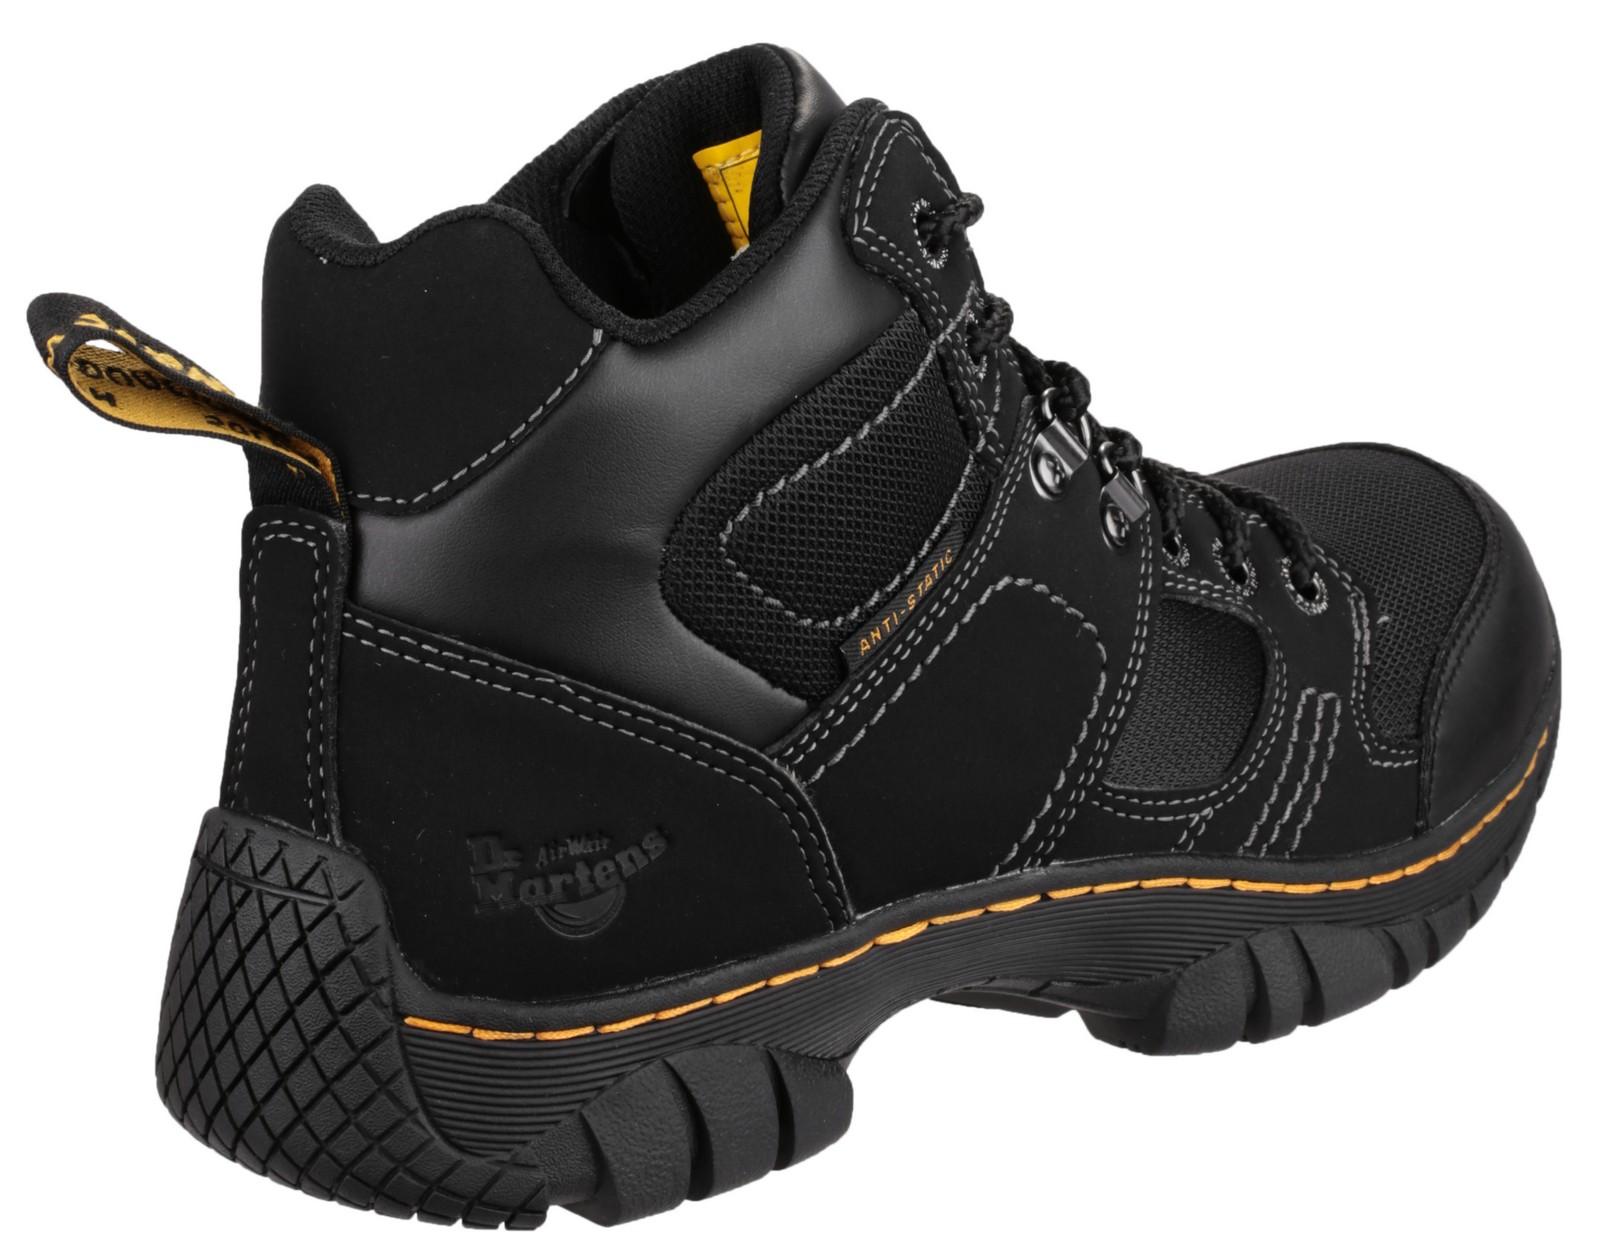 dr martens benham safety steel toe safety work boots ebay